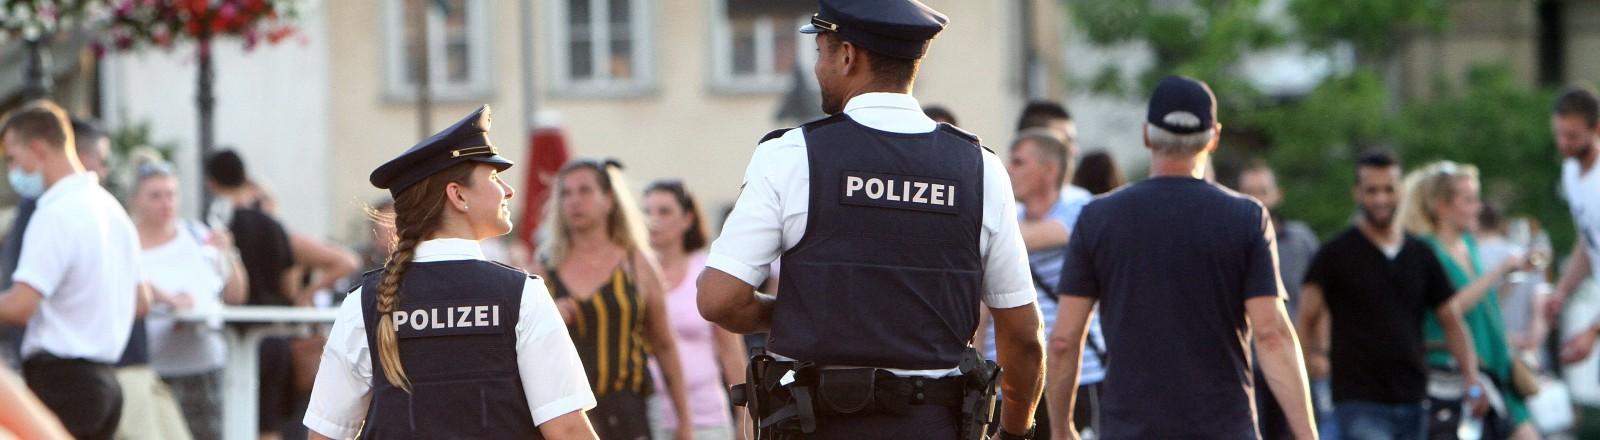 Ein Polizist und eine Polizistin laufen durch eine Fußgängerzone